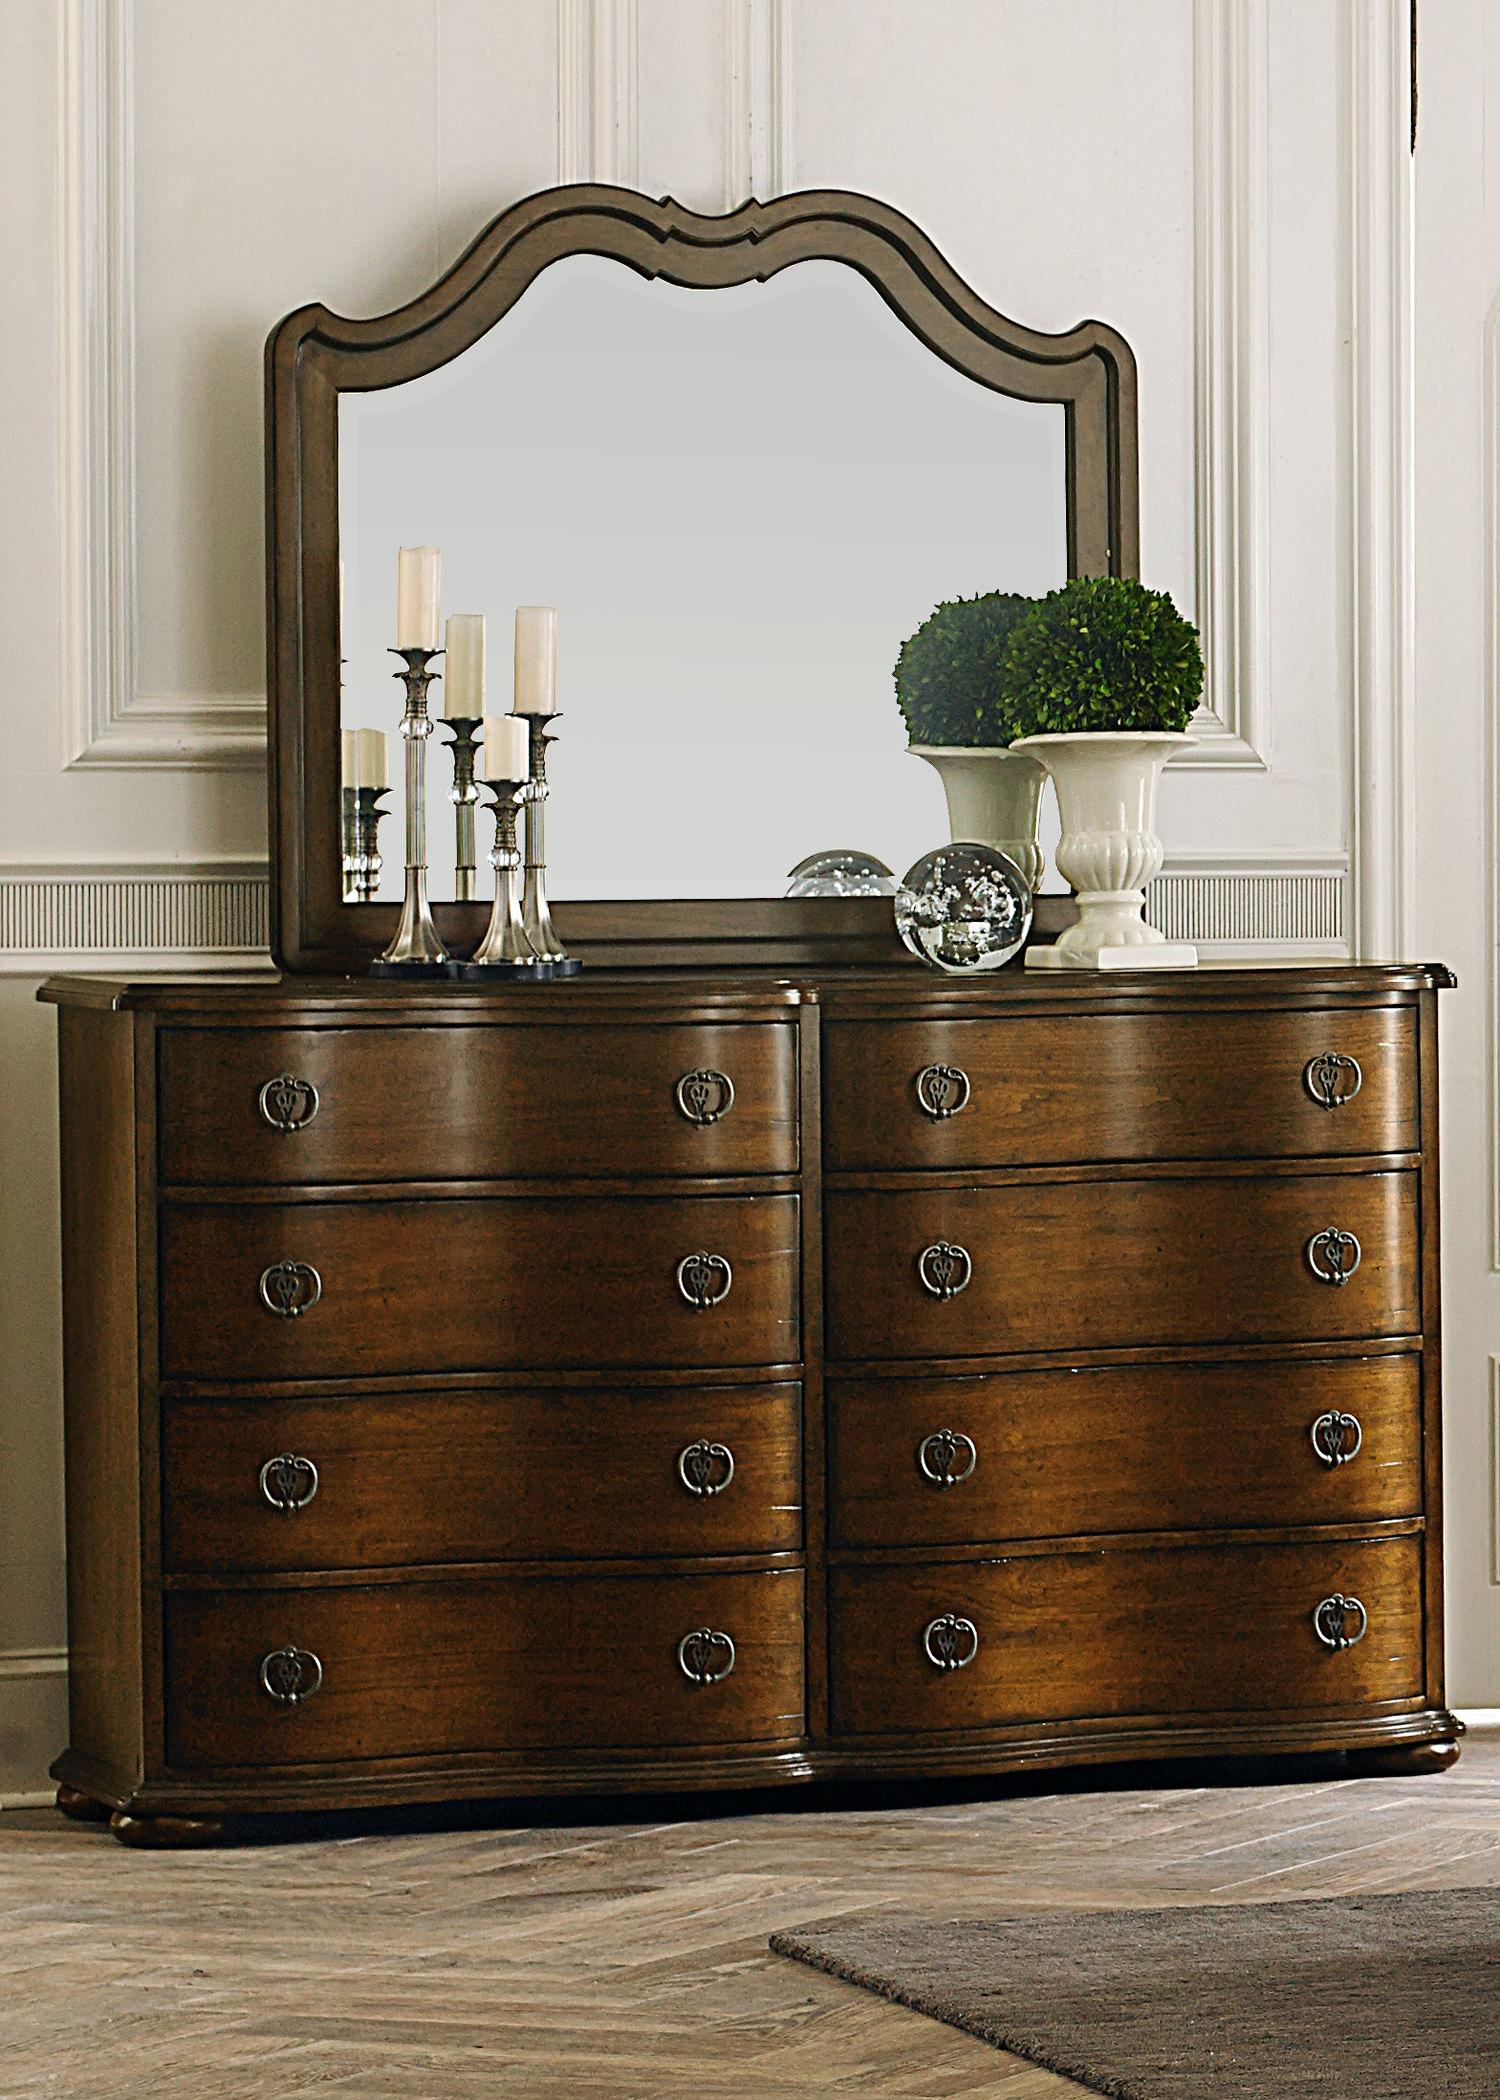 Liberty Furniture Bedroom 8 Drawer Dresser 545 BR31 At D Noblin Furniture